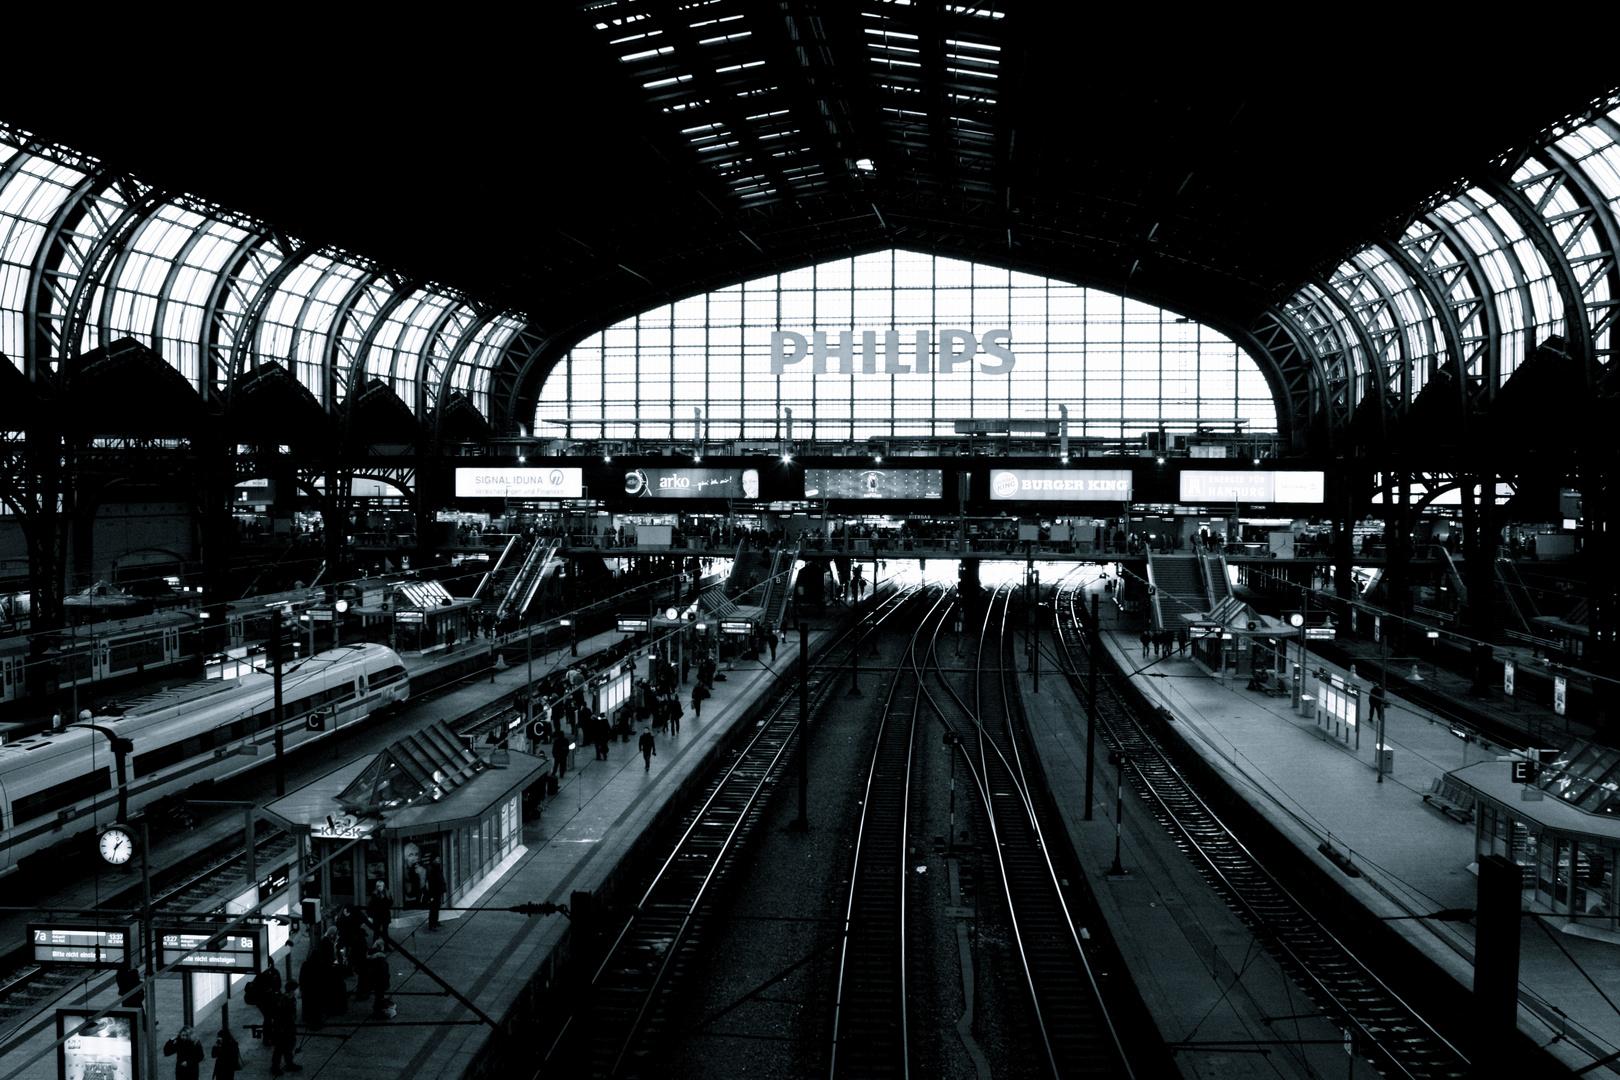 Hamburg Hauptbahnhof